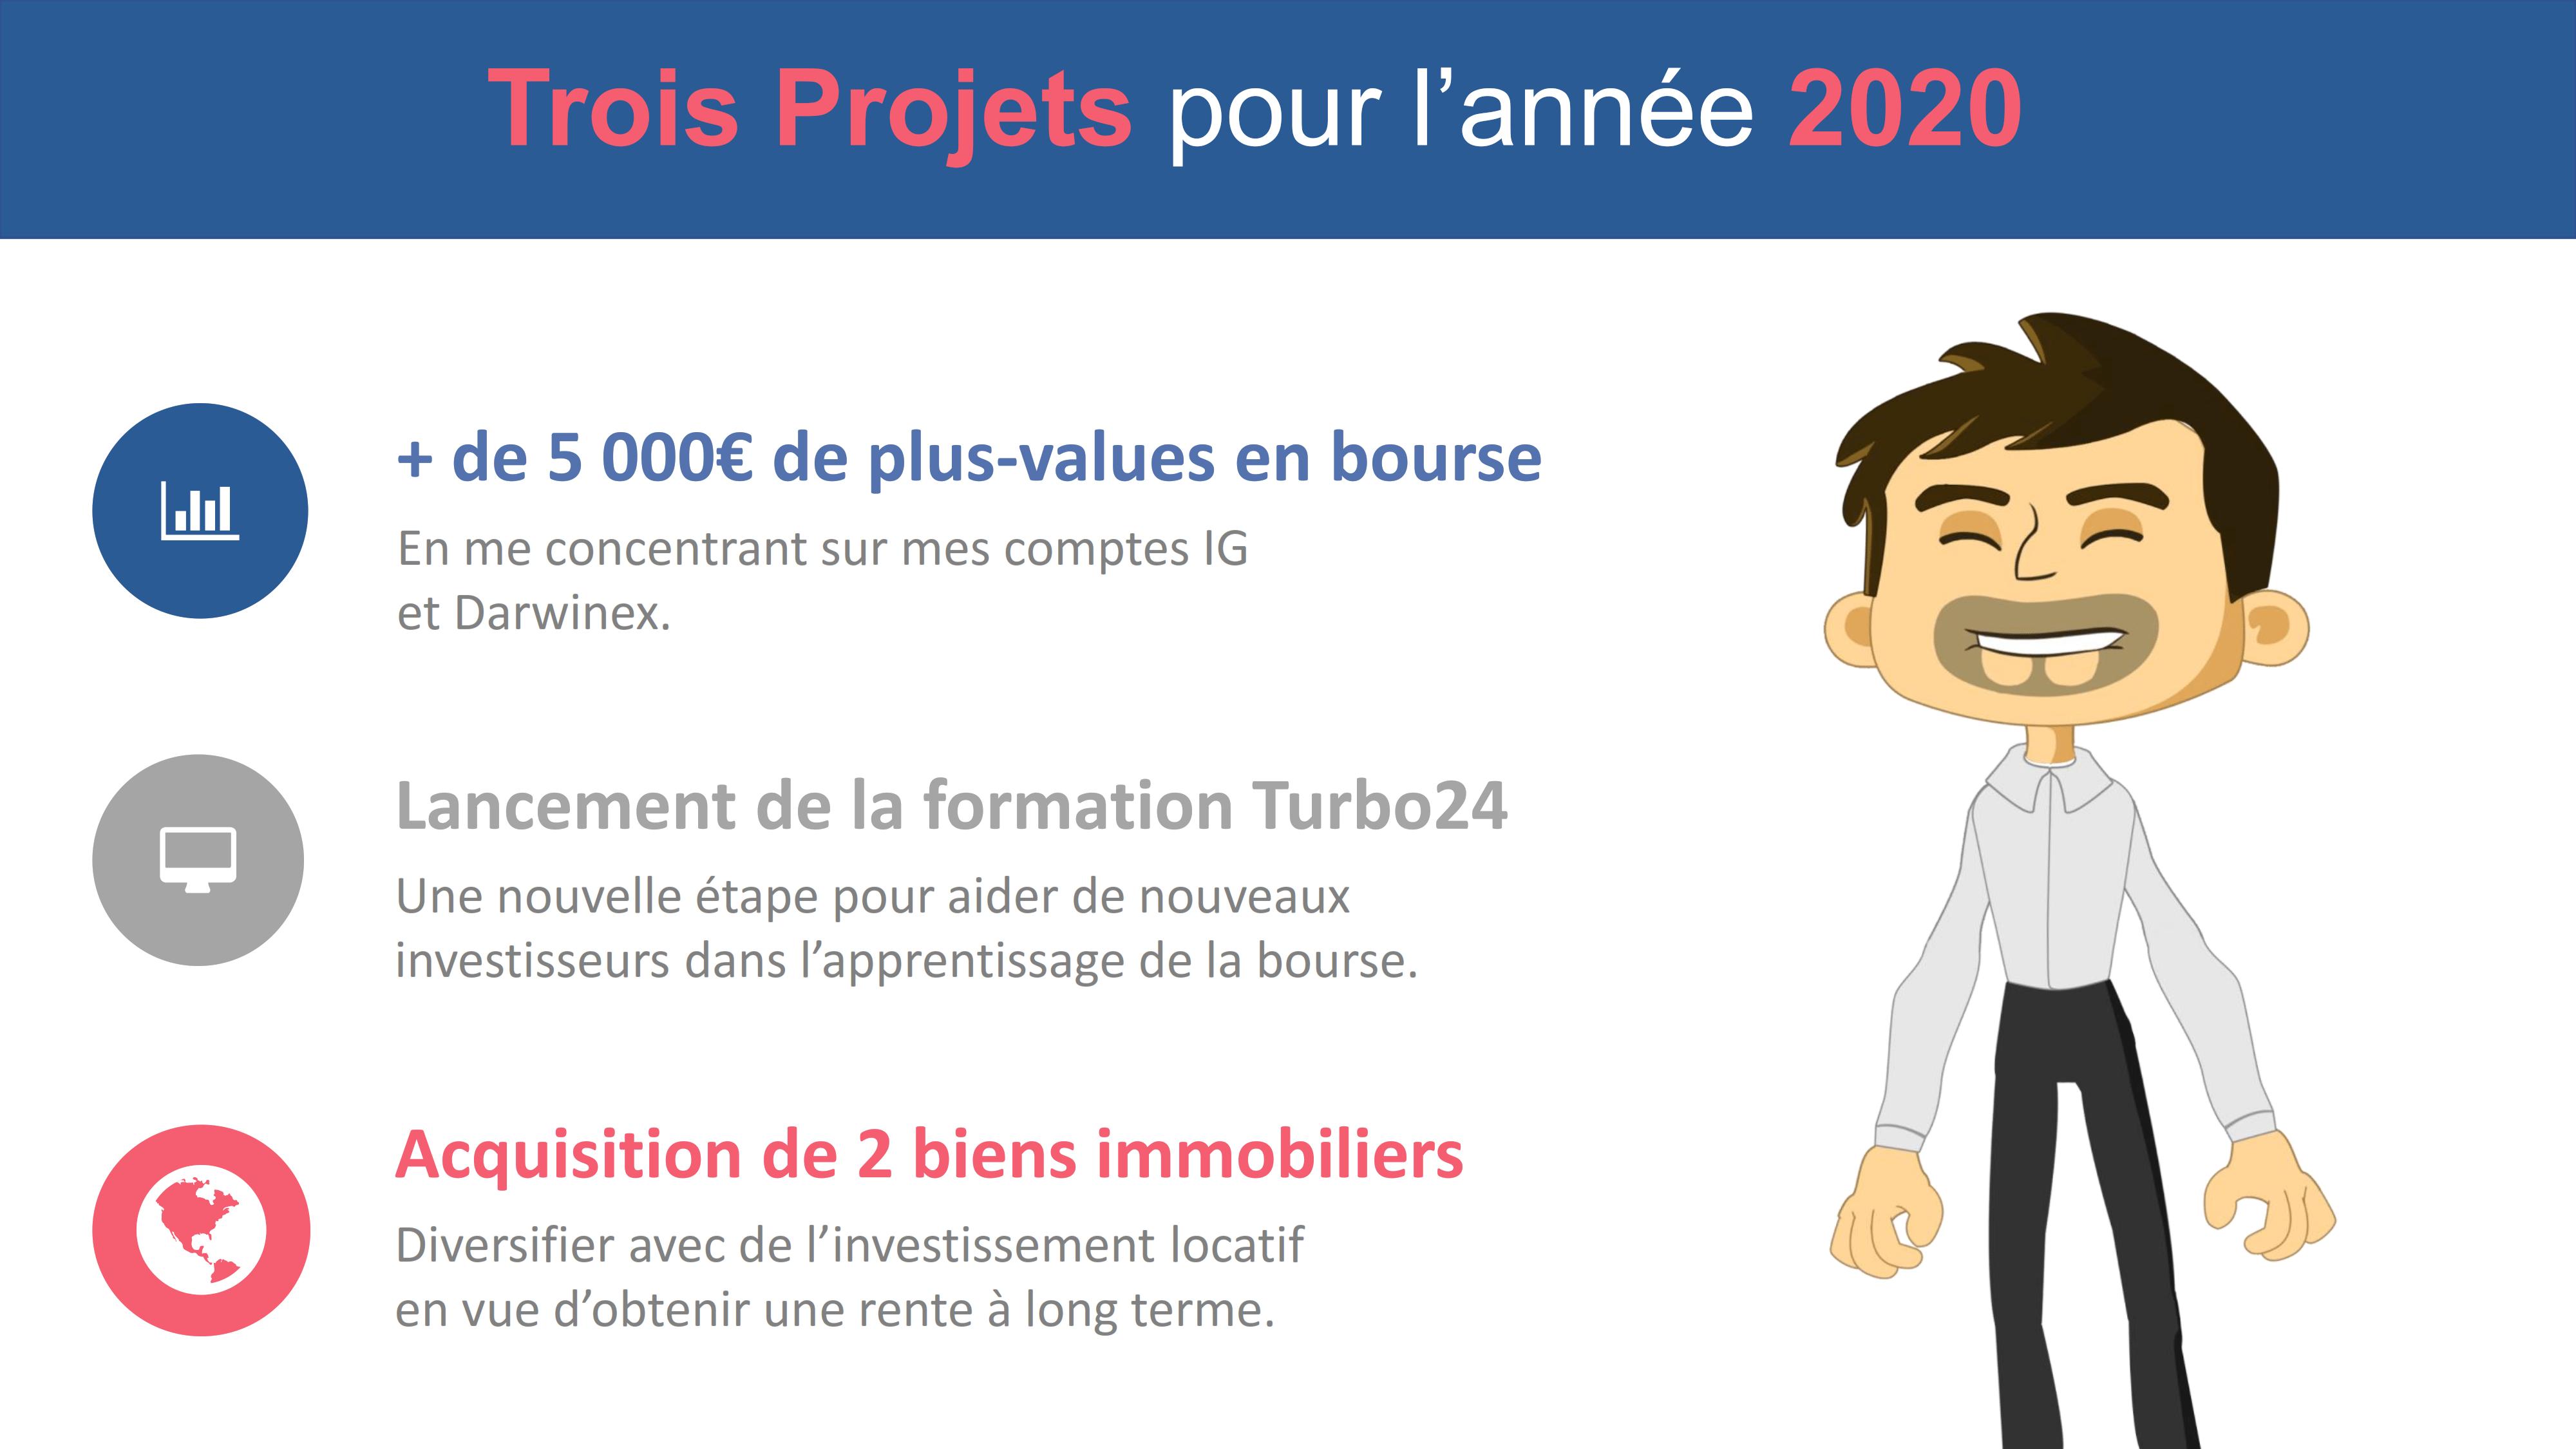 Mes projets pour l'année 2020 en matière de trading et d'immobilier